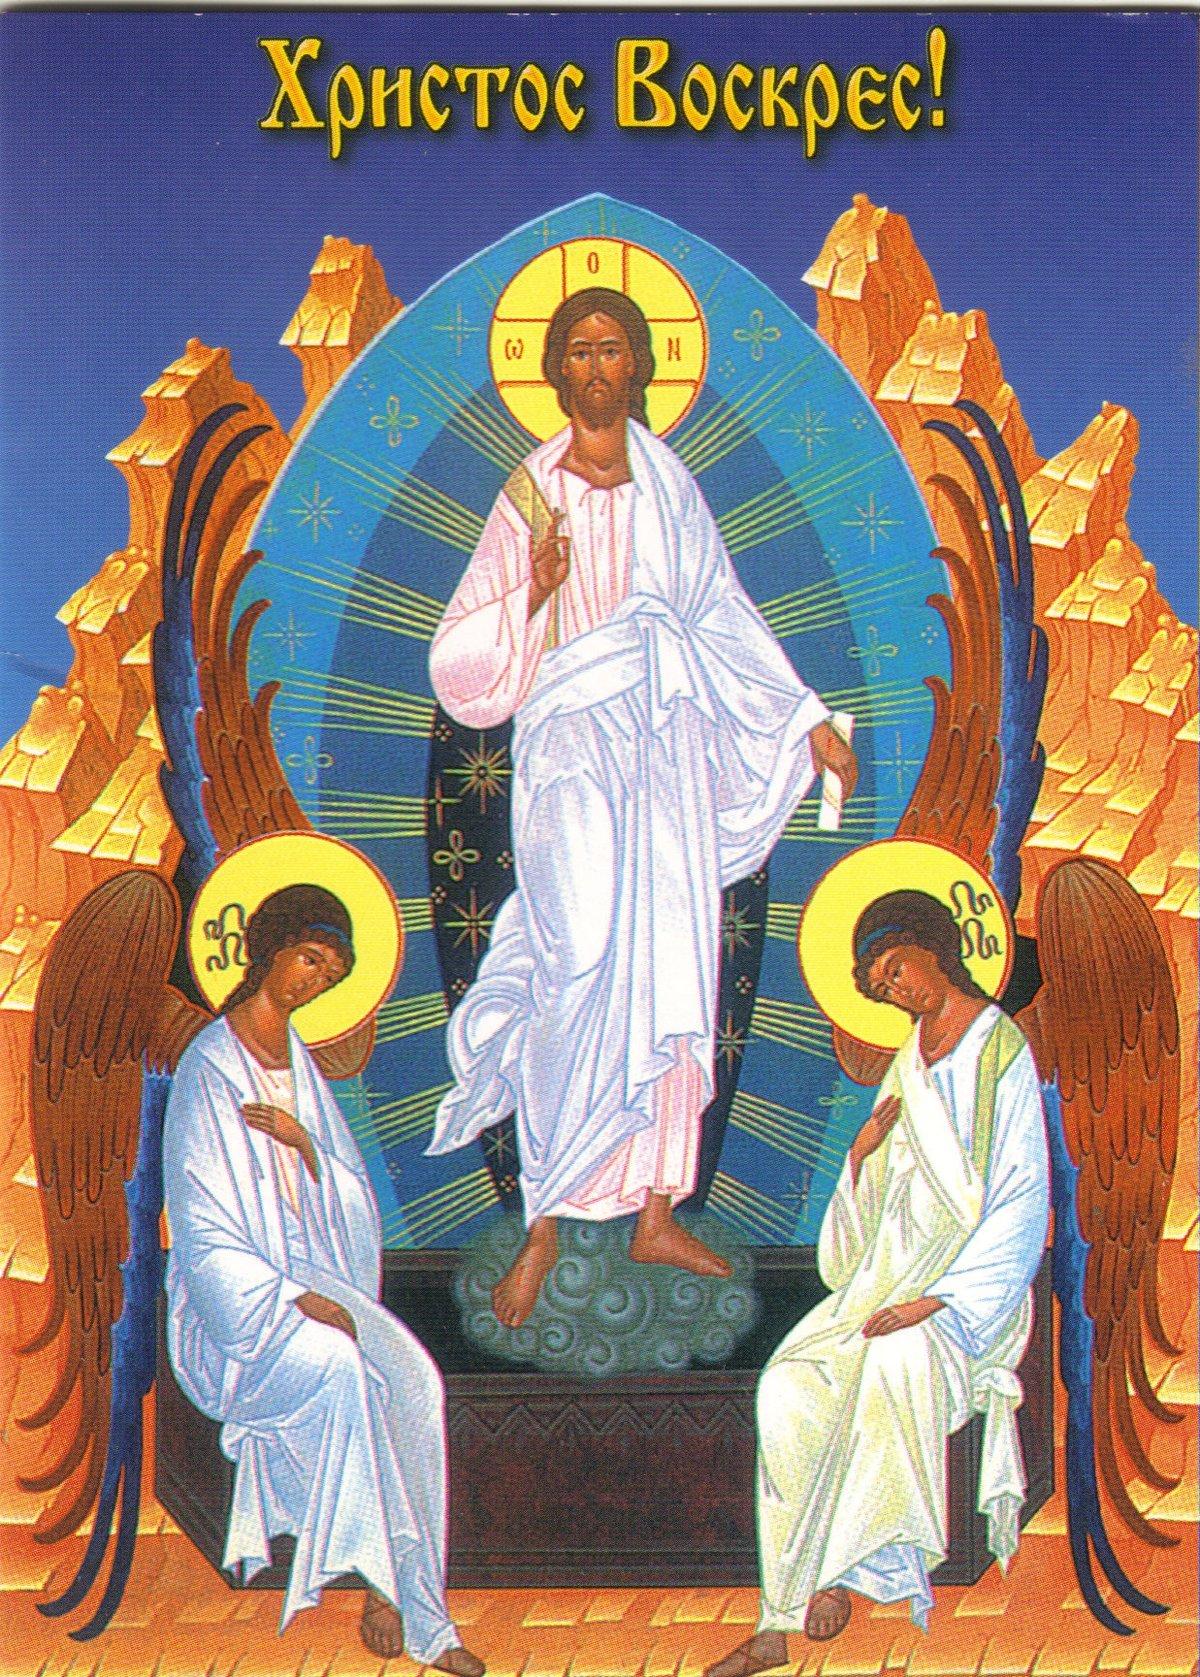 этого она открытки христос воскрес картинки один, другой имеют